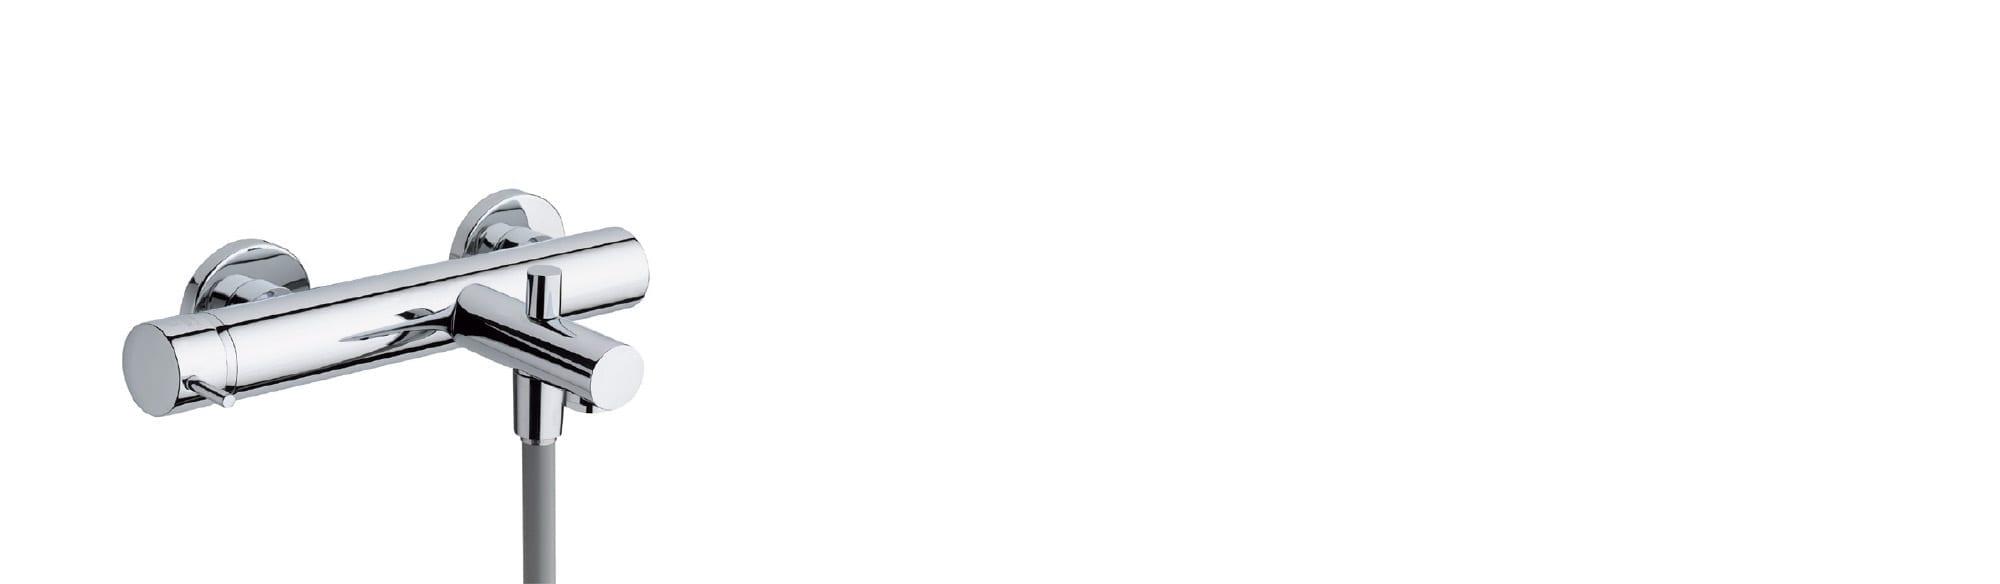 סוללה לאמבט כולל: מזלף ,צינור גמיש ומאחז – T1.30.01 by Milstone